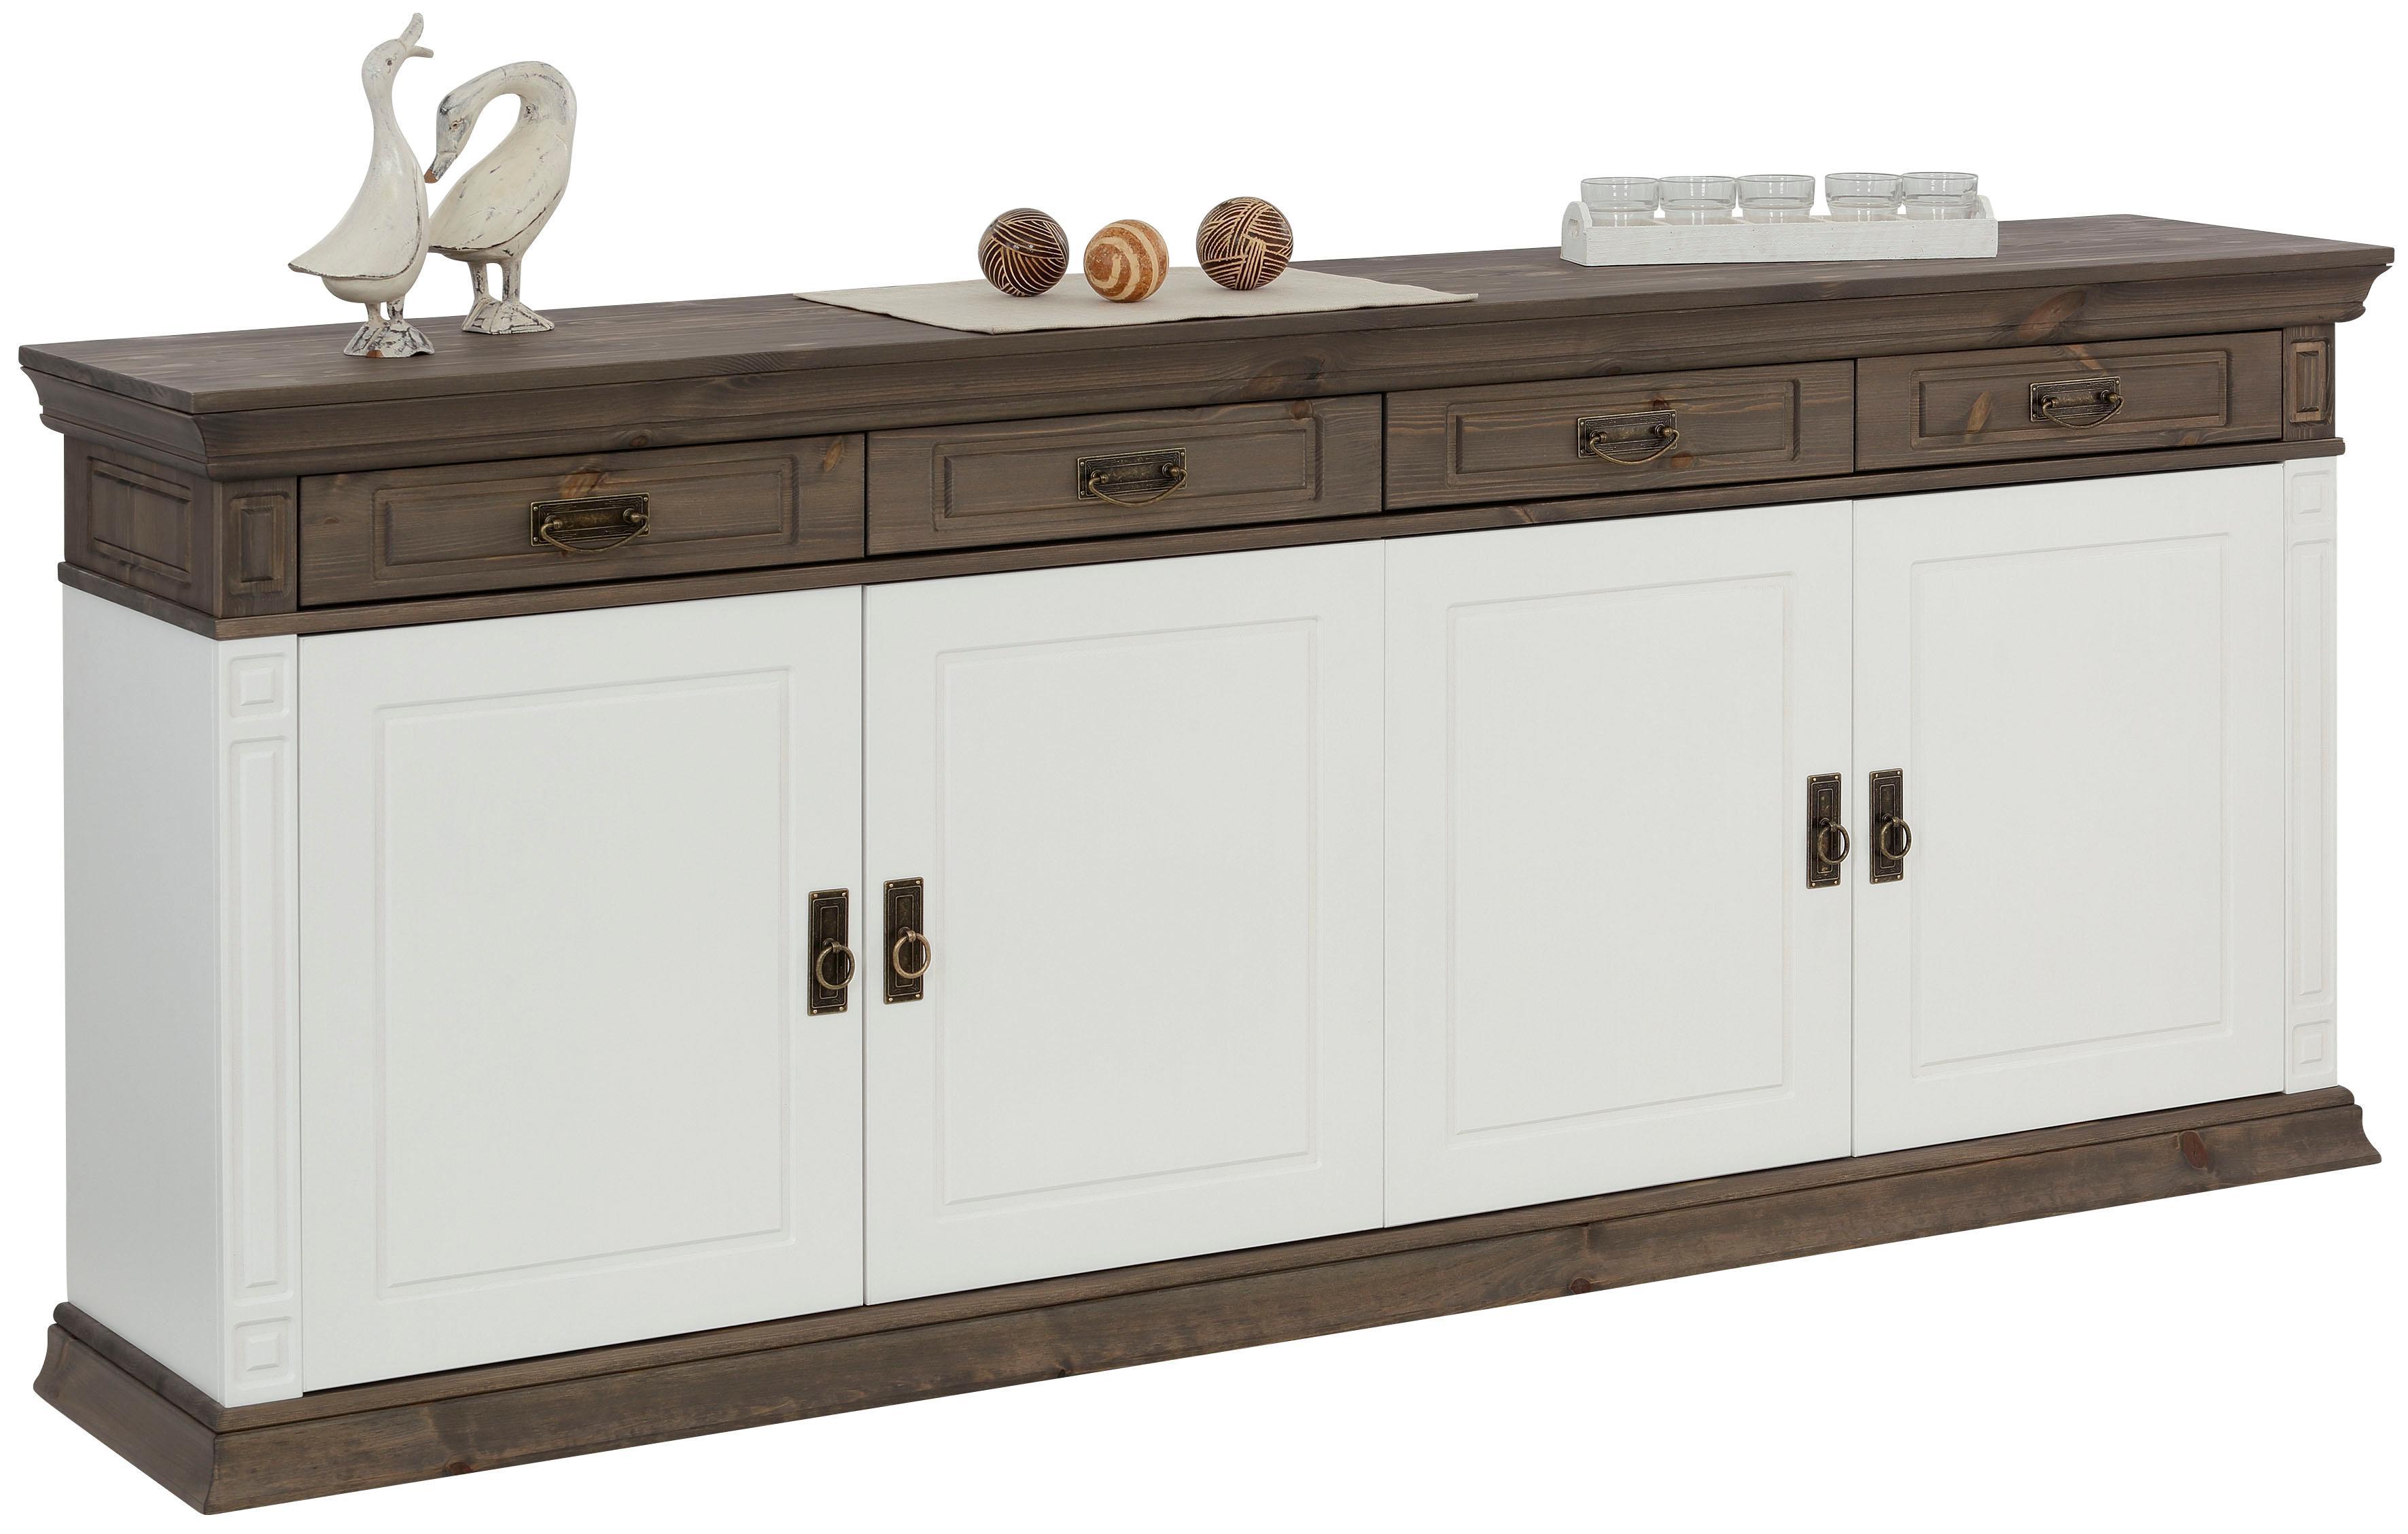 Home affaire Sideboard »Vinales« im klassischen Landhausstil, Breite 204 cm